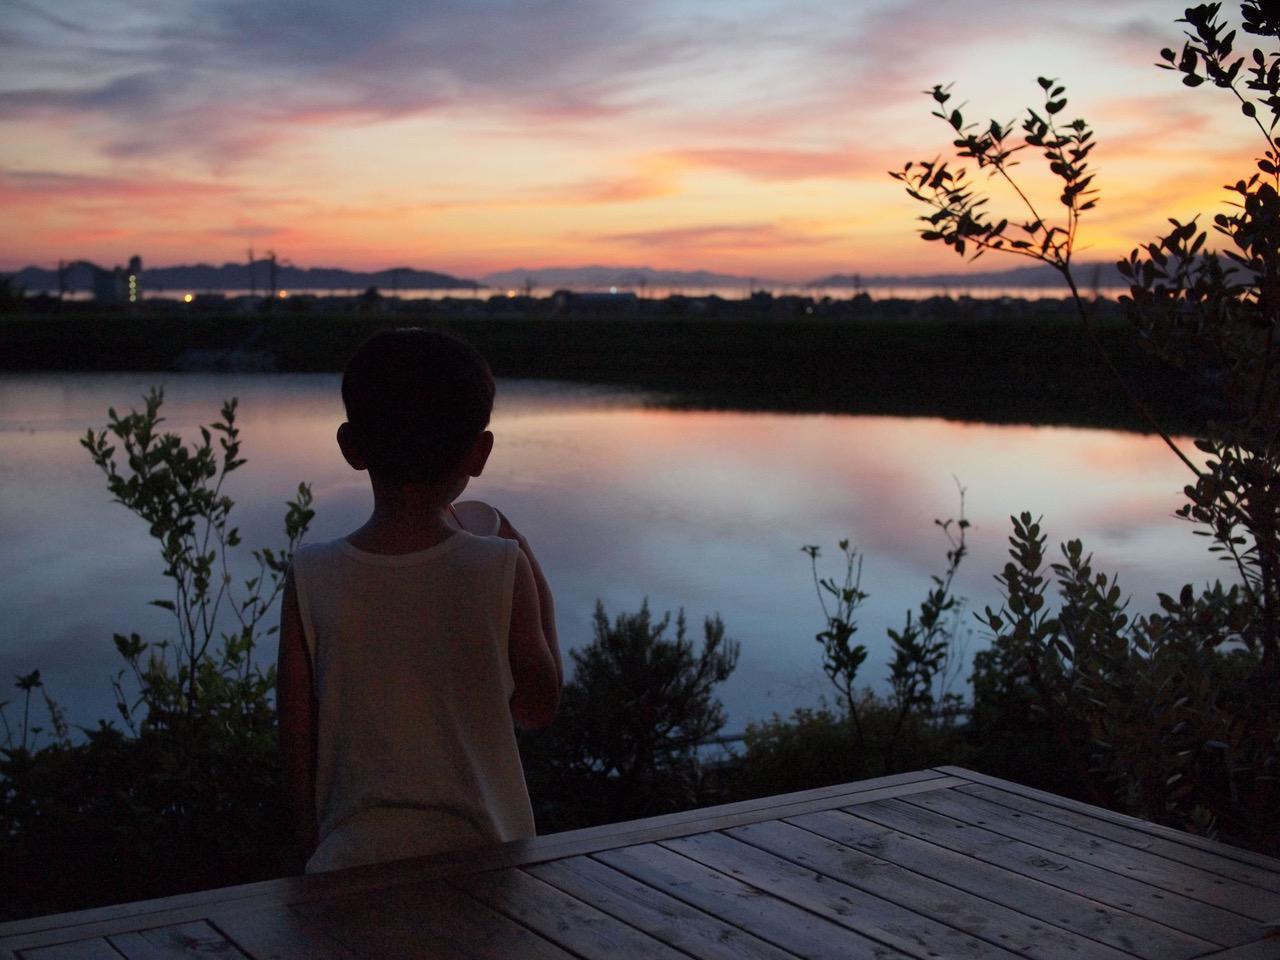 画像: 夕暮れどき。海の向こうは瀬戸内の島々。さえぎる建物がない庭にさわやかな潮風が届きます。風が止んでいれば池が鏡となり、映り込んだ夕焼けの美しさにうっとりします